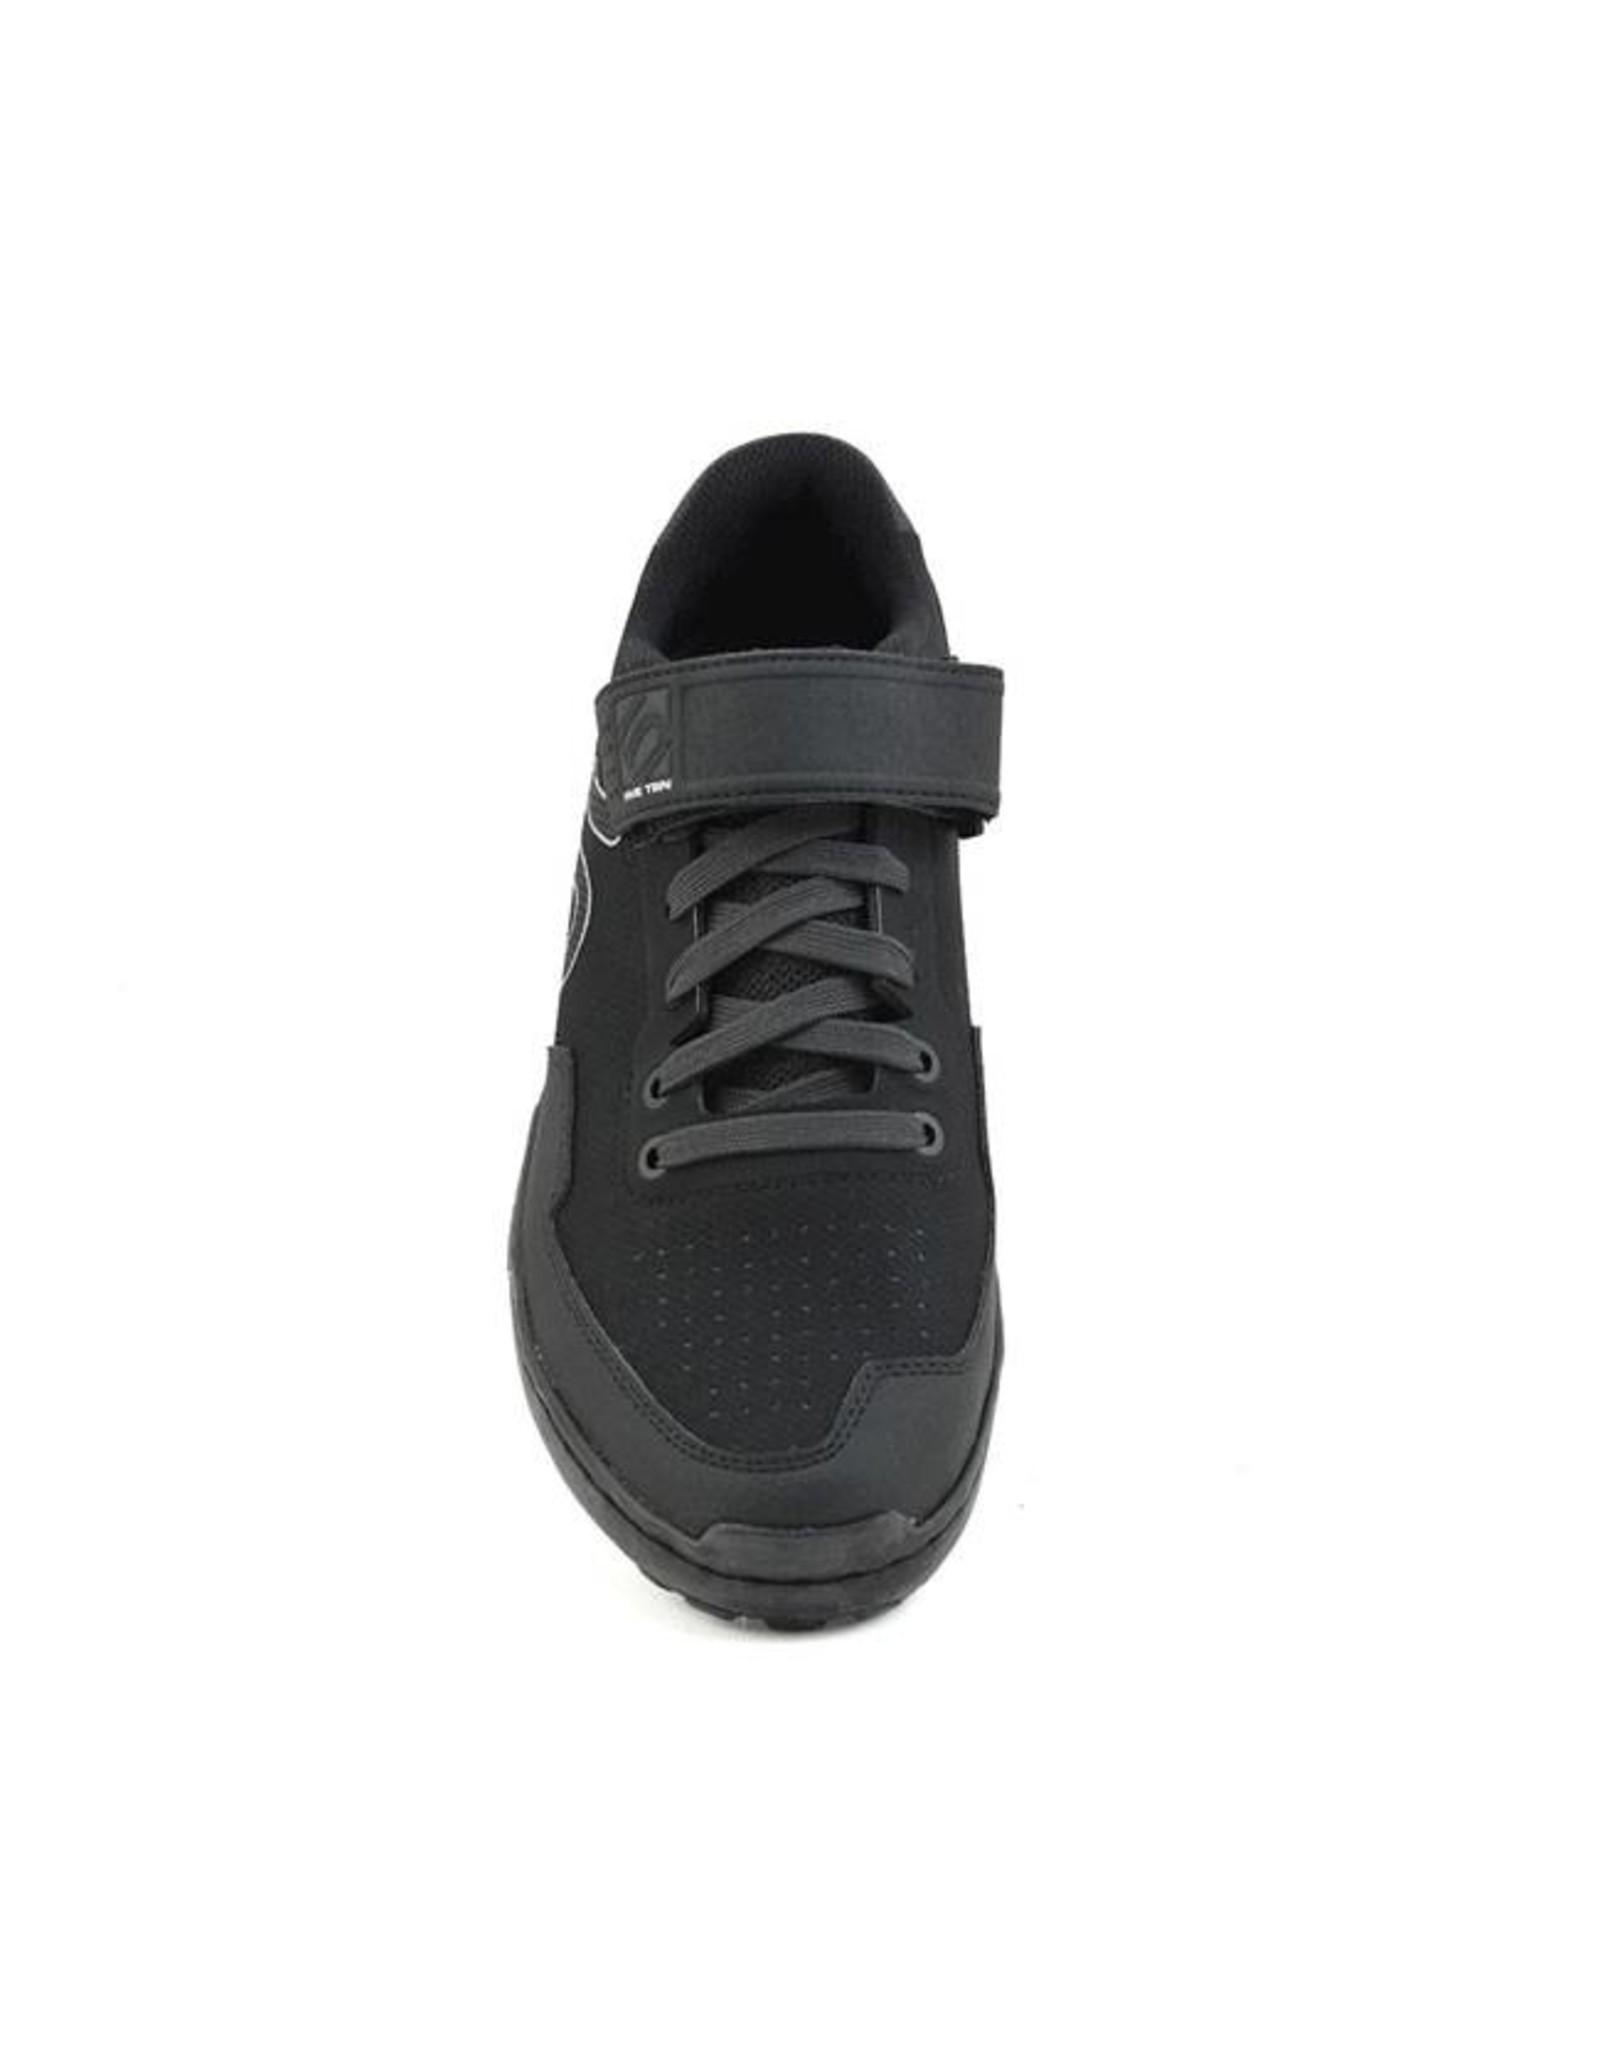 Five Ten Five Ten Kestrel Lace Men's Clipless Shoe: Black Carbon 7